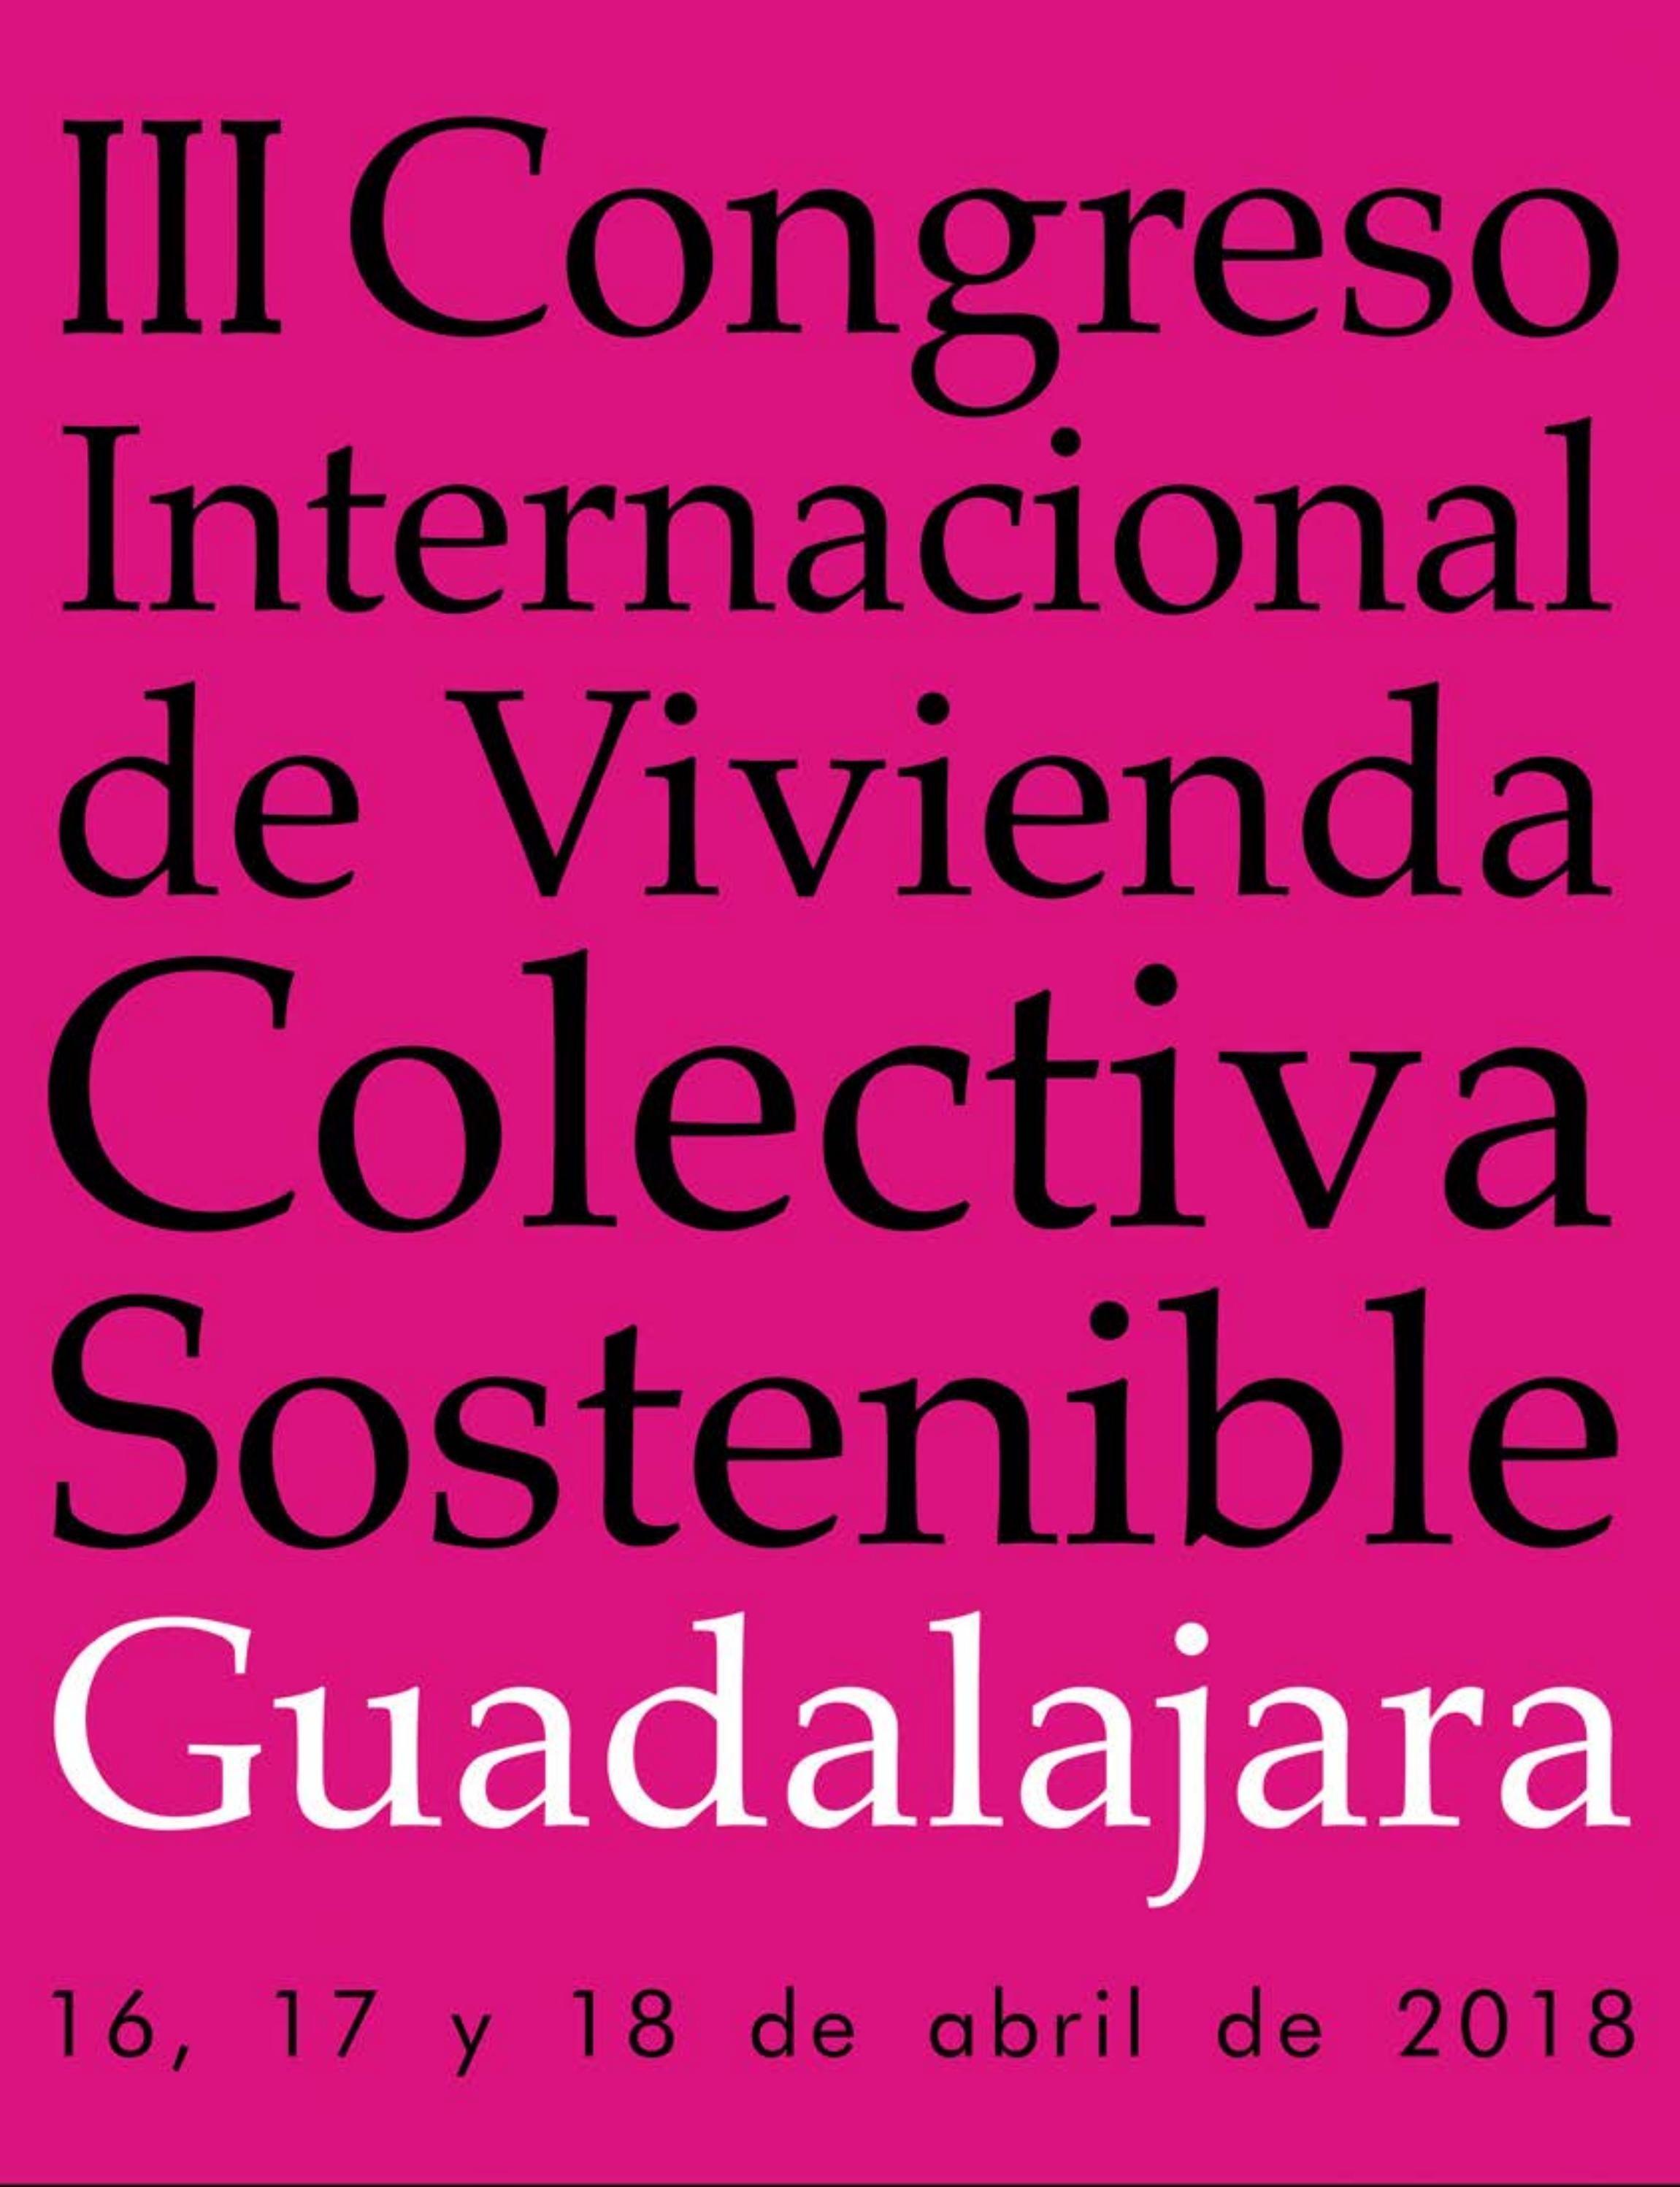 Speed dating Guadalajara adecuada